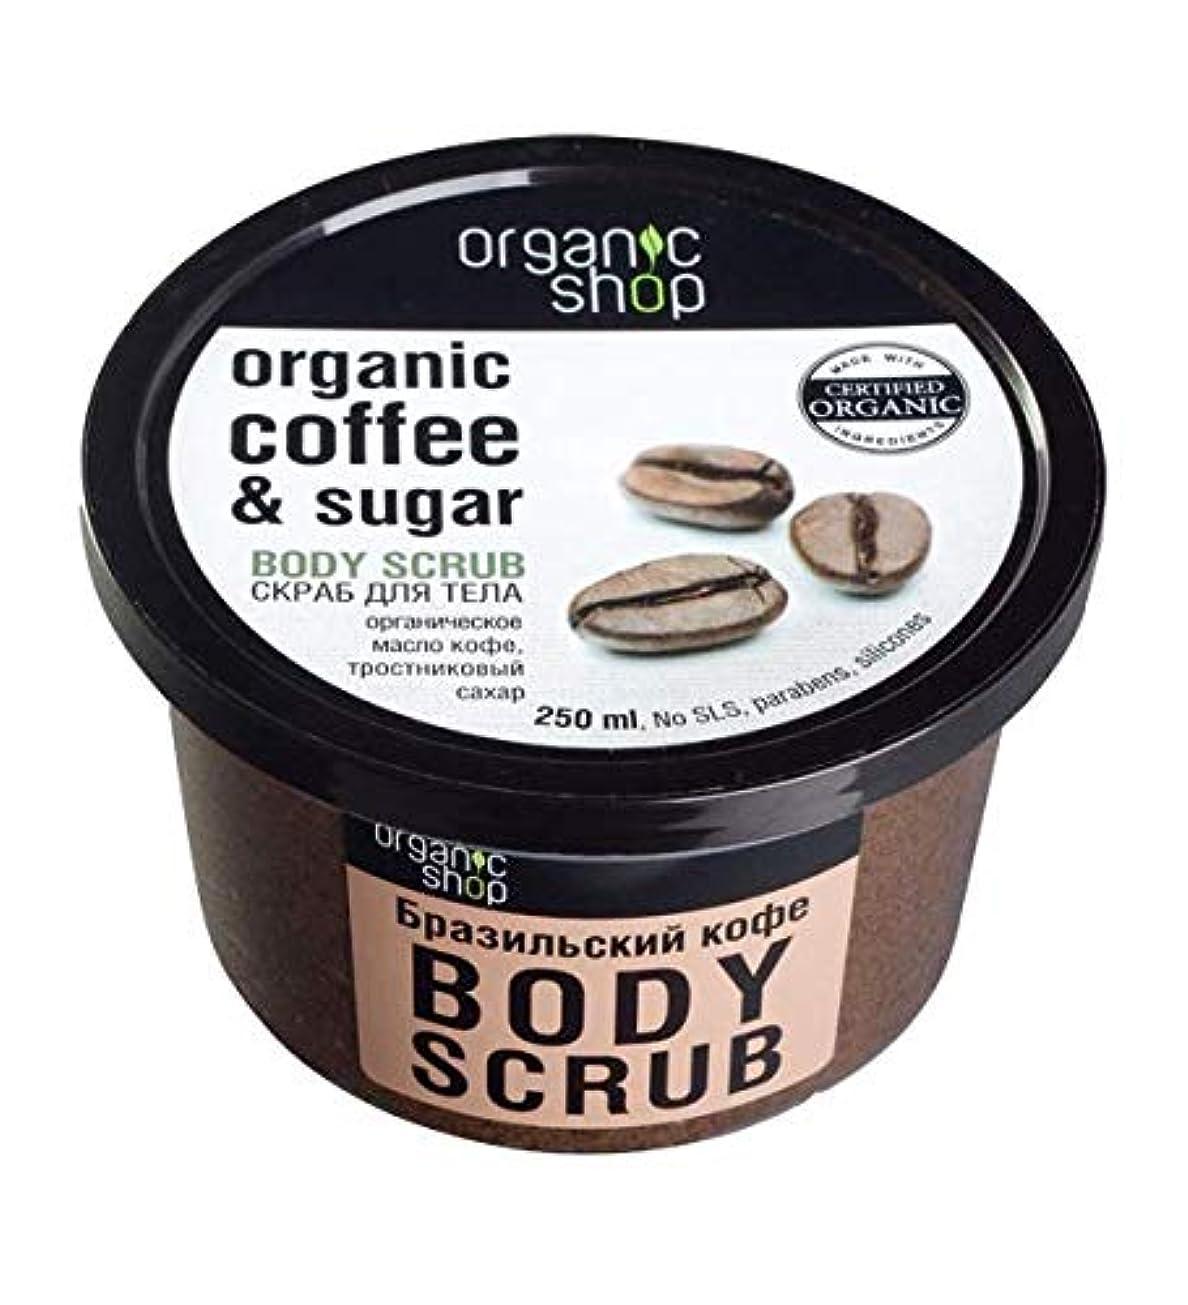 見ましたベスト抜け目のない【話題沸騰中】ロシア産 ORGANIC SHOP オーガニック ショップ ボディスクラブ coffee&sugar 250ml 「ブラジルコーヒー」